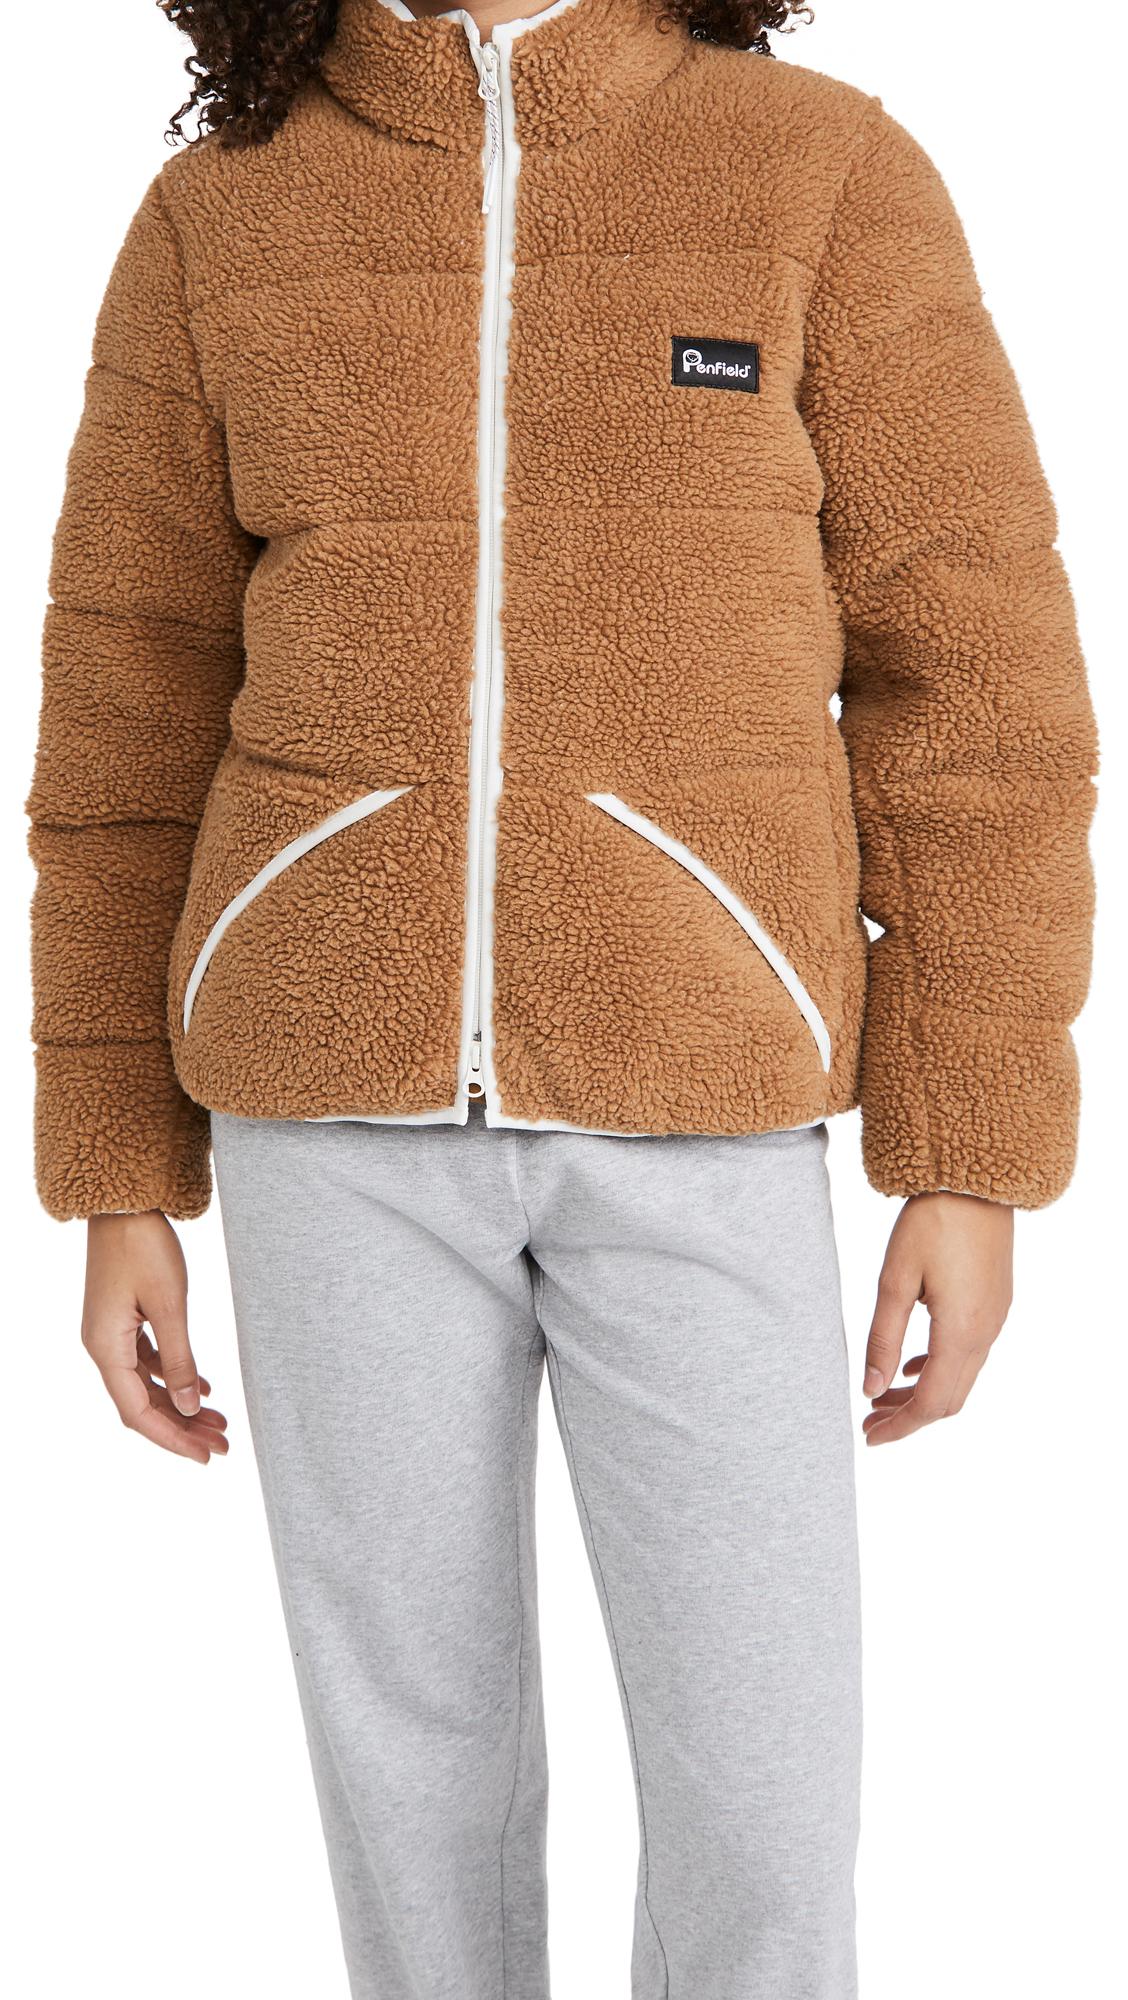 Penfield Williston Fleece Jacket